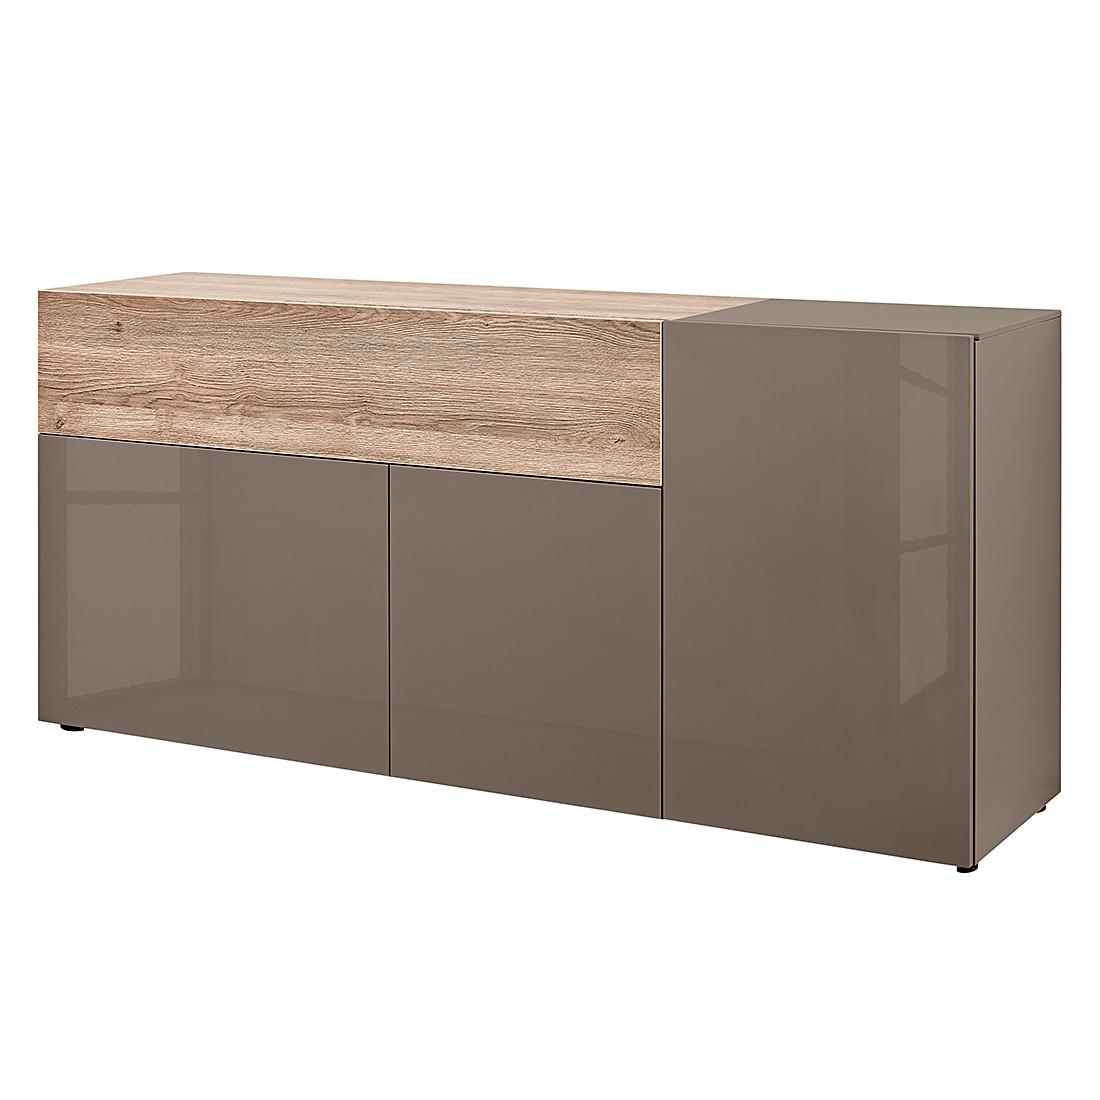 schr nke online g nstig kaufen ber shop24. Black Bedroom Furniture Sets. Home Design Ideas